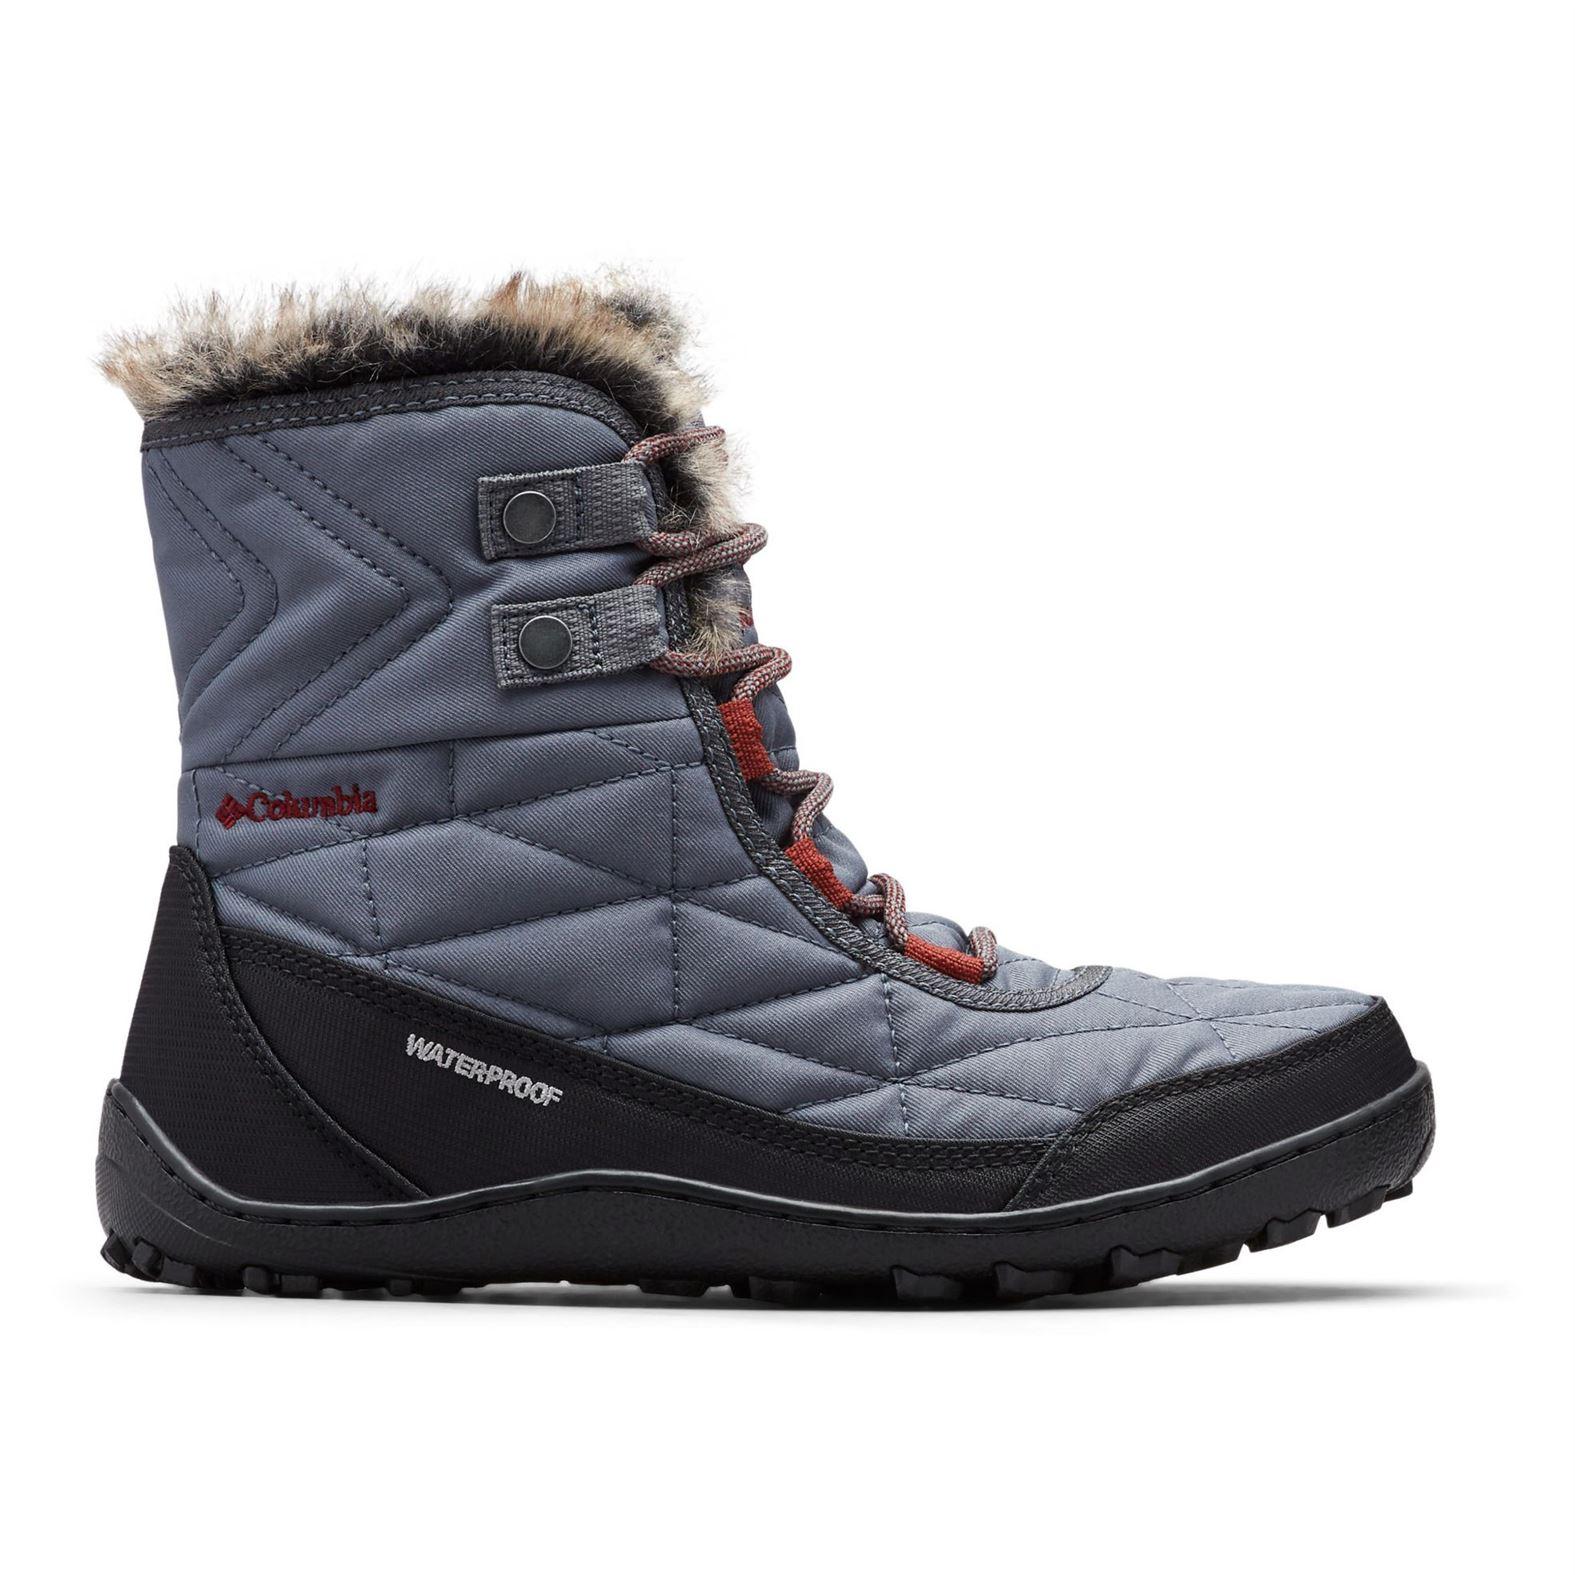 Minx Shorty III Boot - Women's